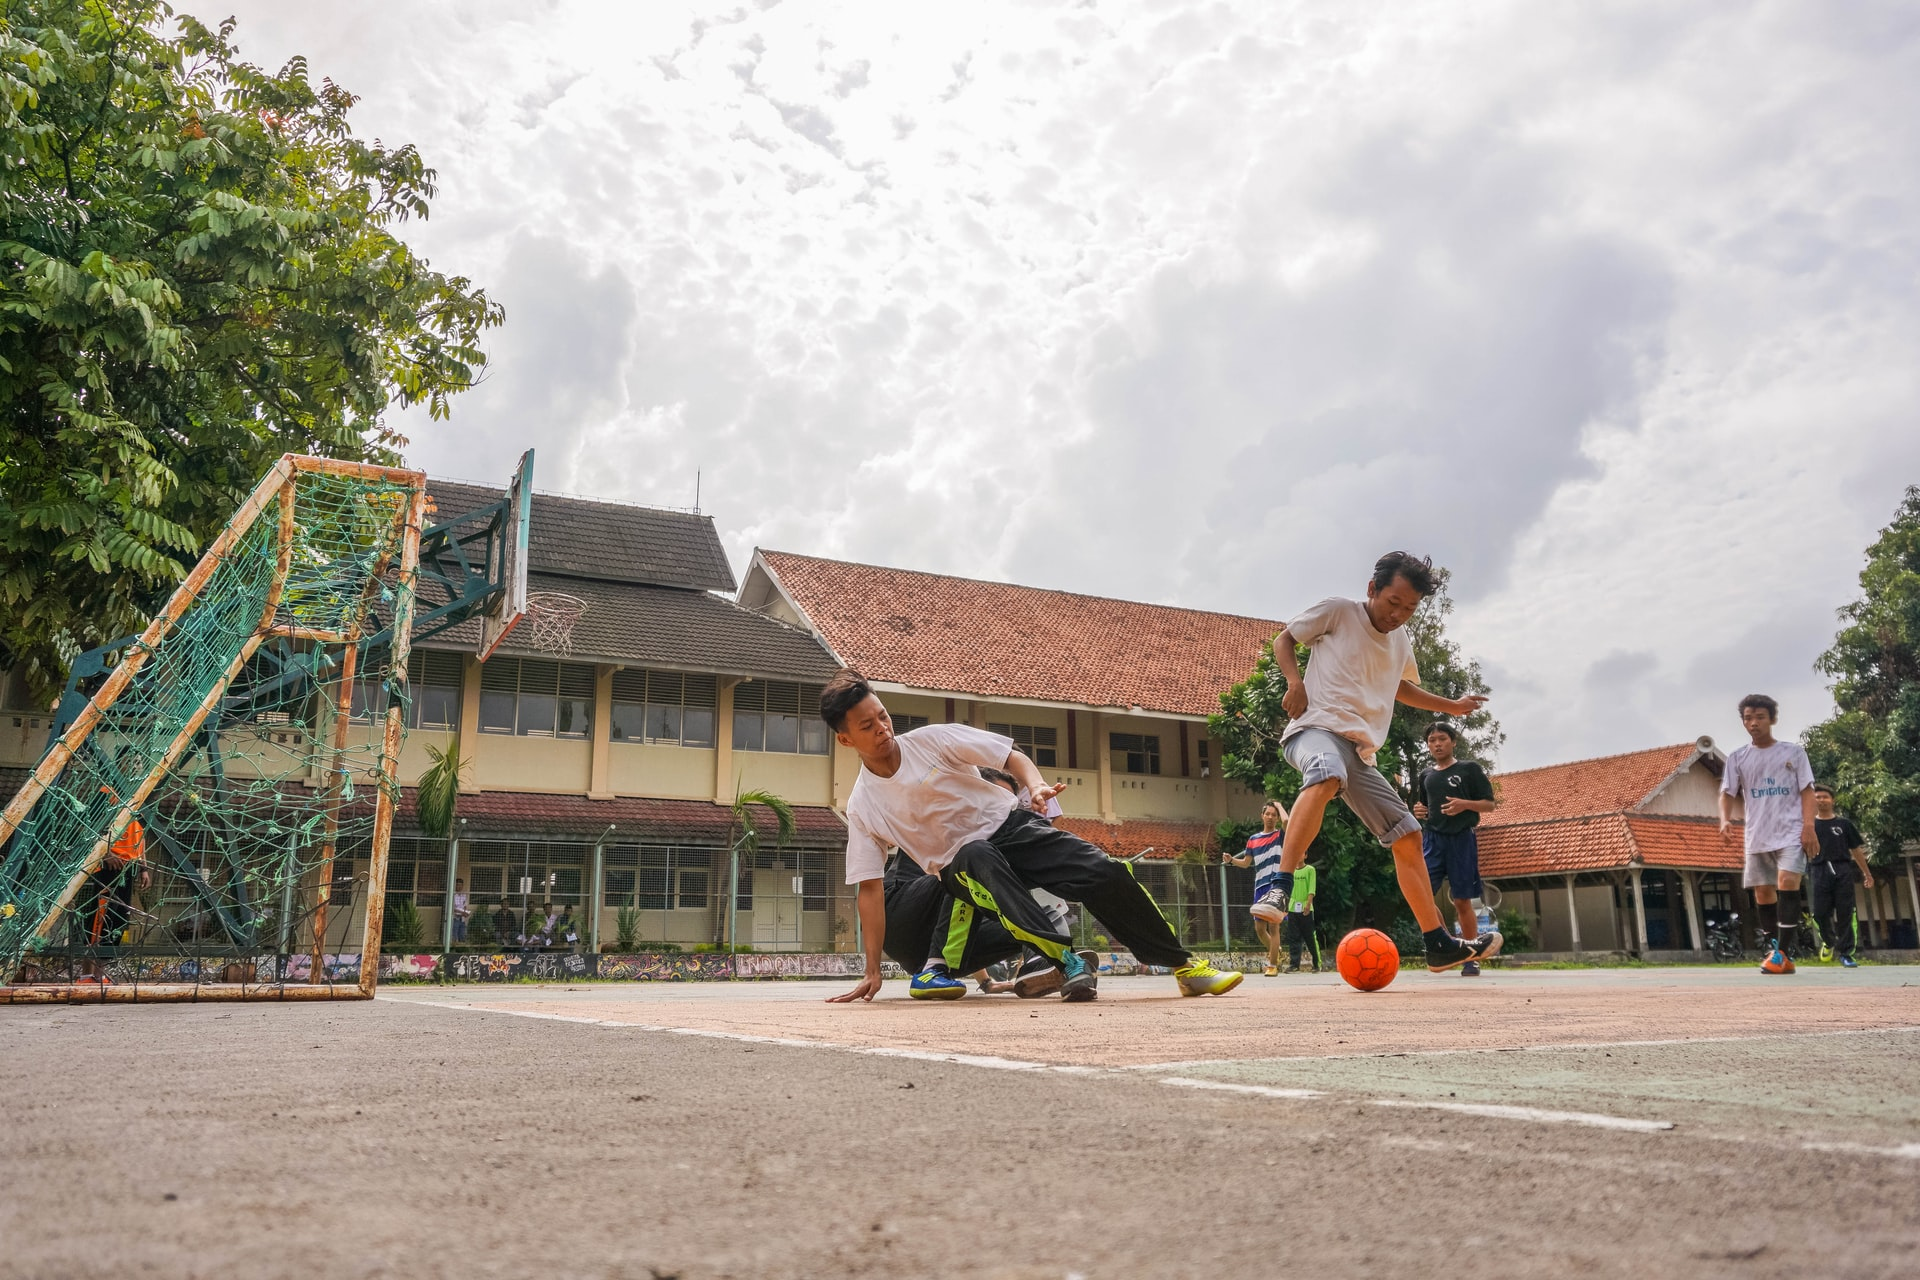 Ilustrasi Kegiatan Olahraga di Sekolah